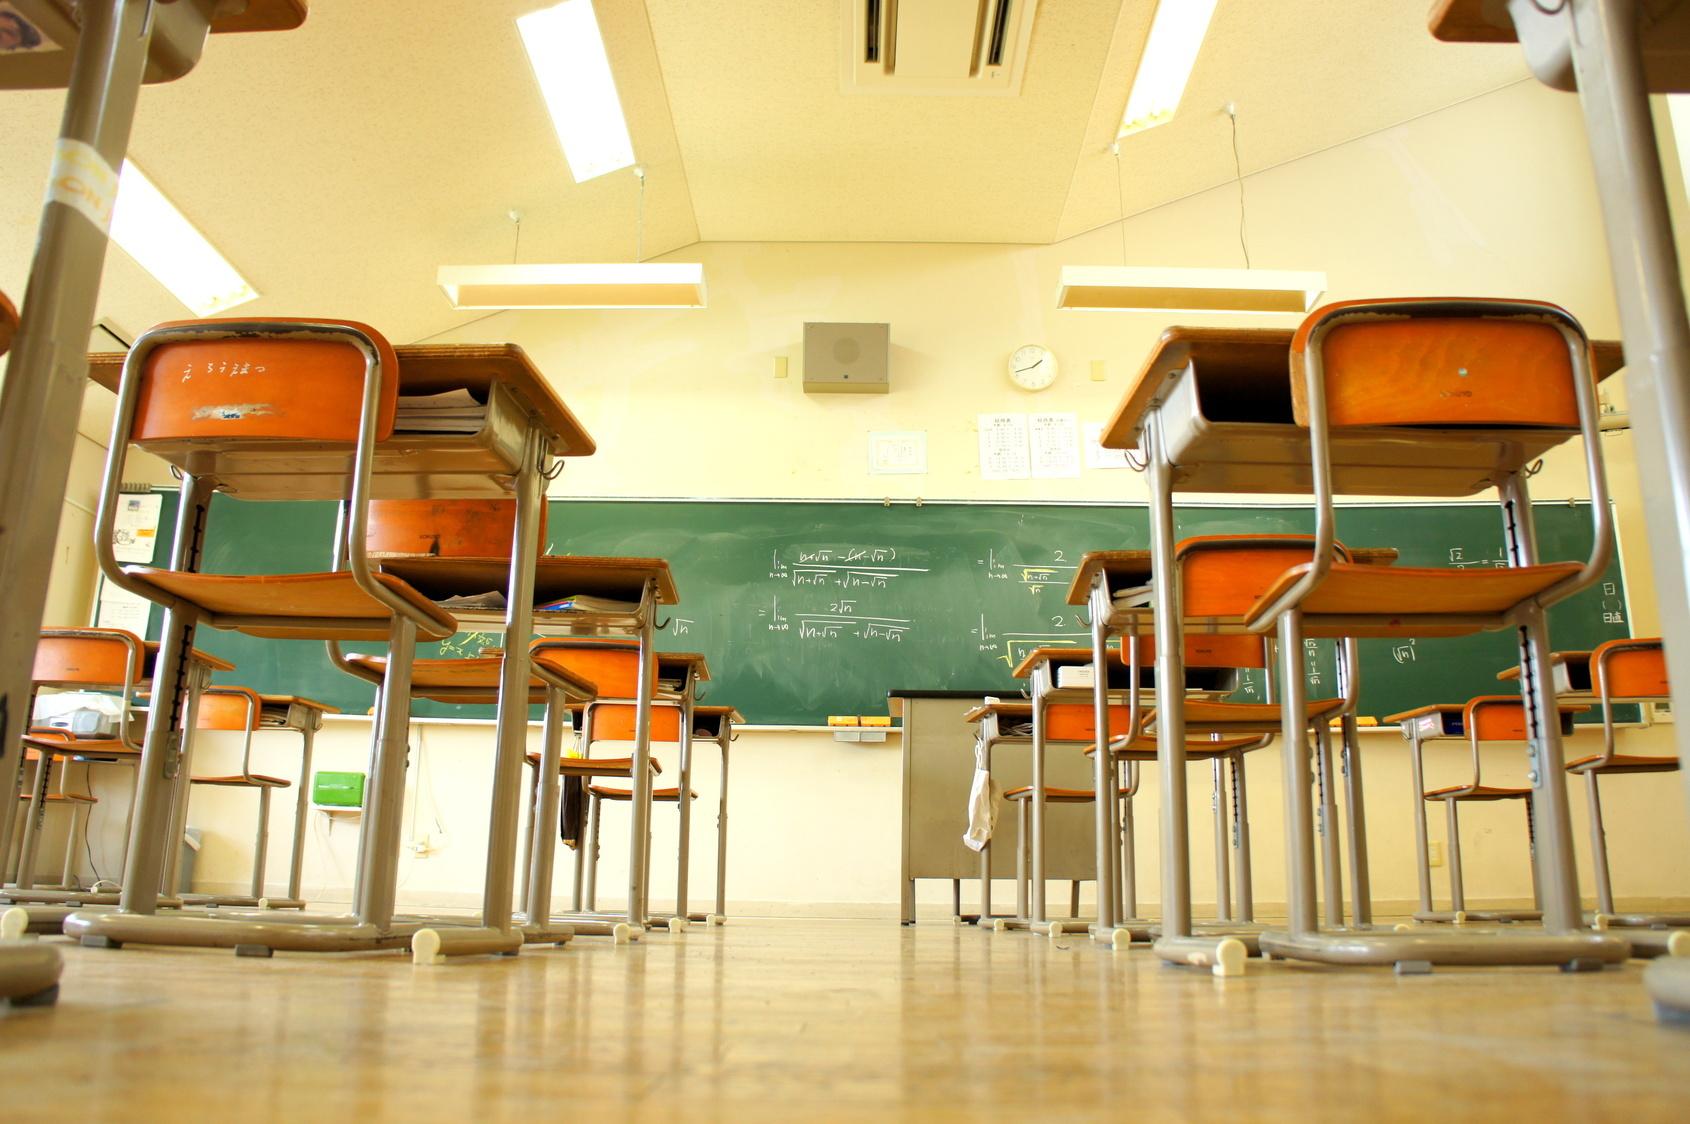 学校教育がダメな理由と、「学校には価値がある」という主張が無意味なわけ